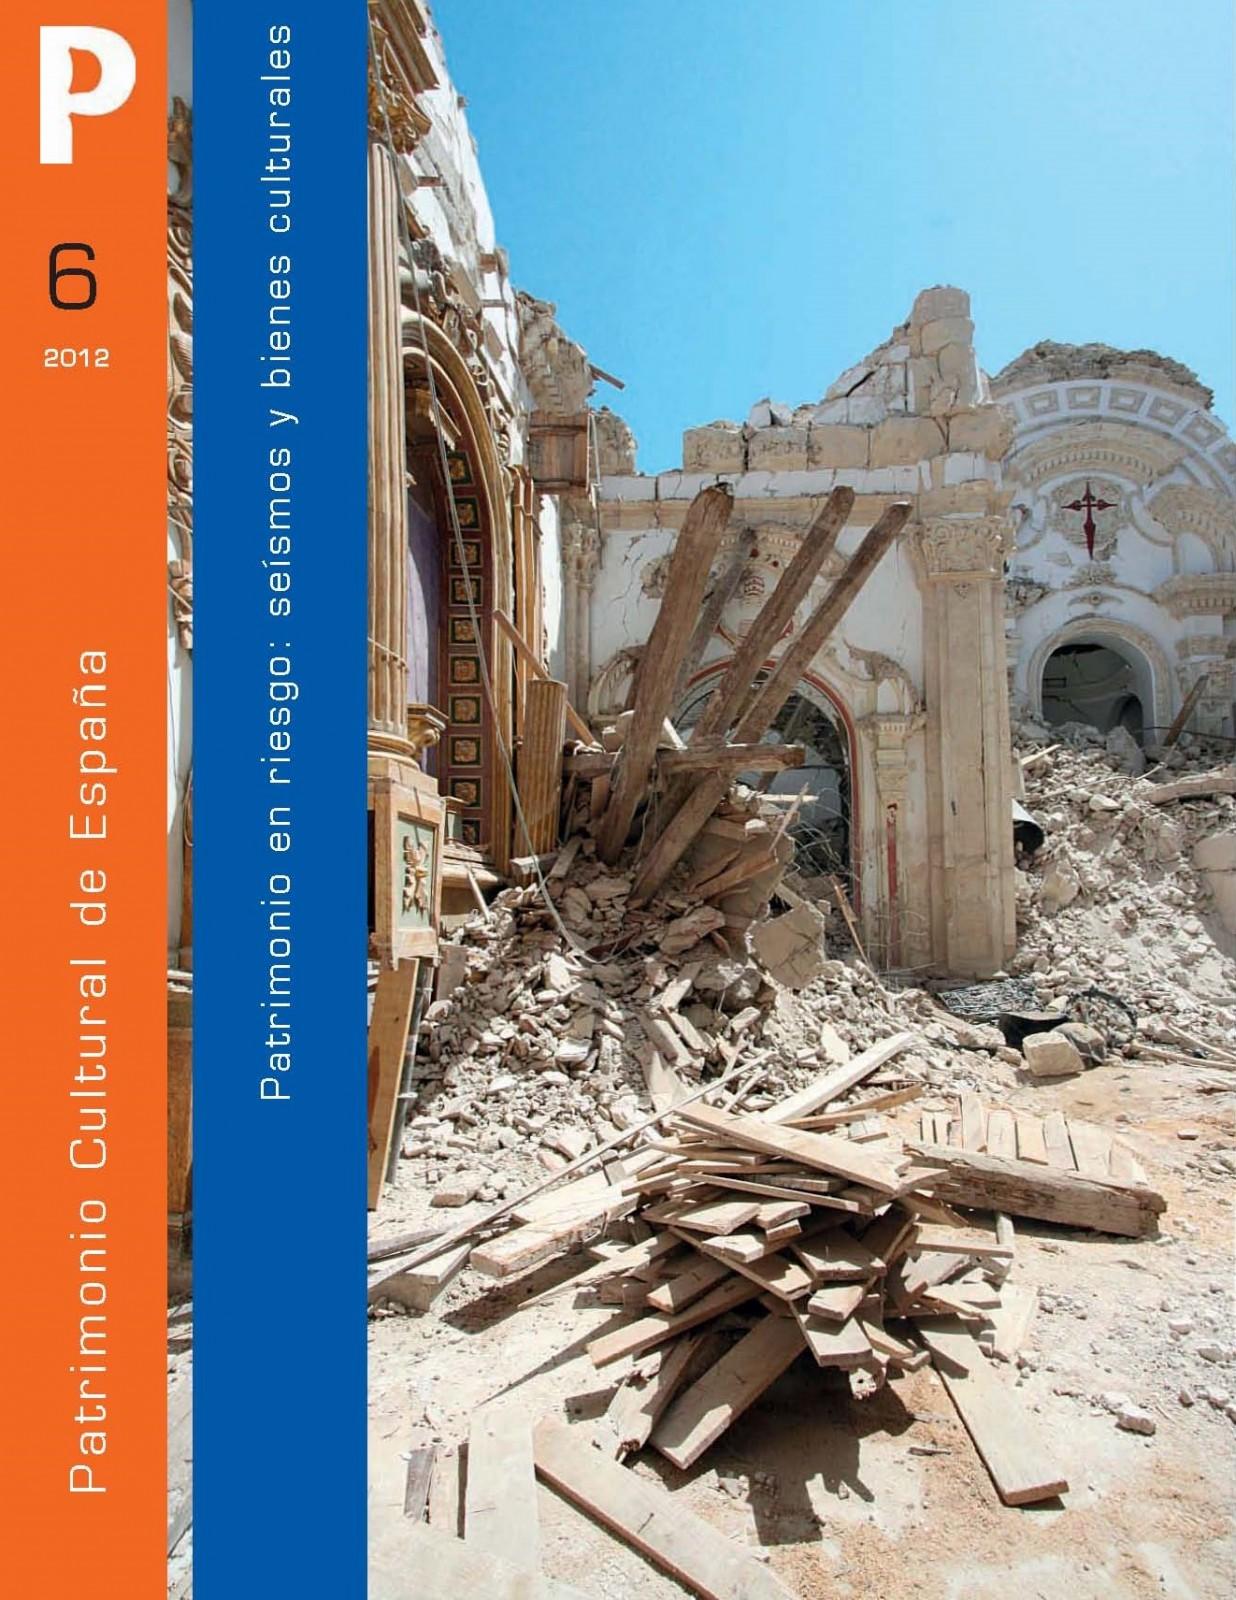 VV.AA. 2012. Patrimonio en riesgo. Seismos y bienes culturales. Patrimonio Cultural de España nº 6. Mecd-2